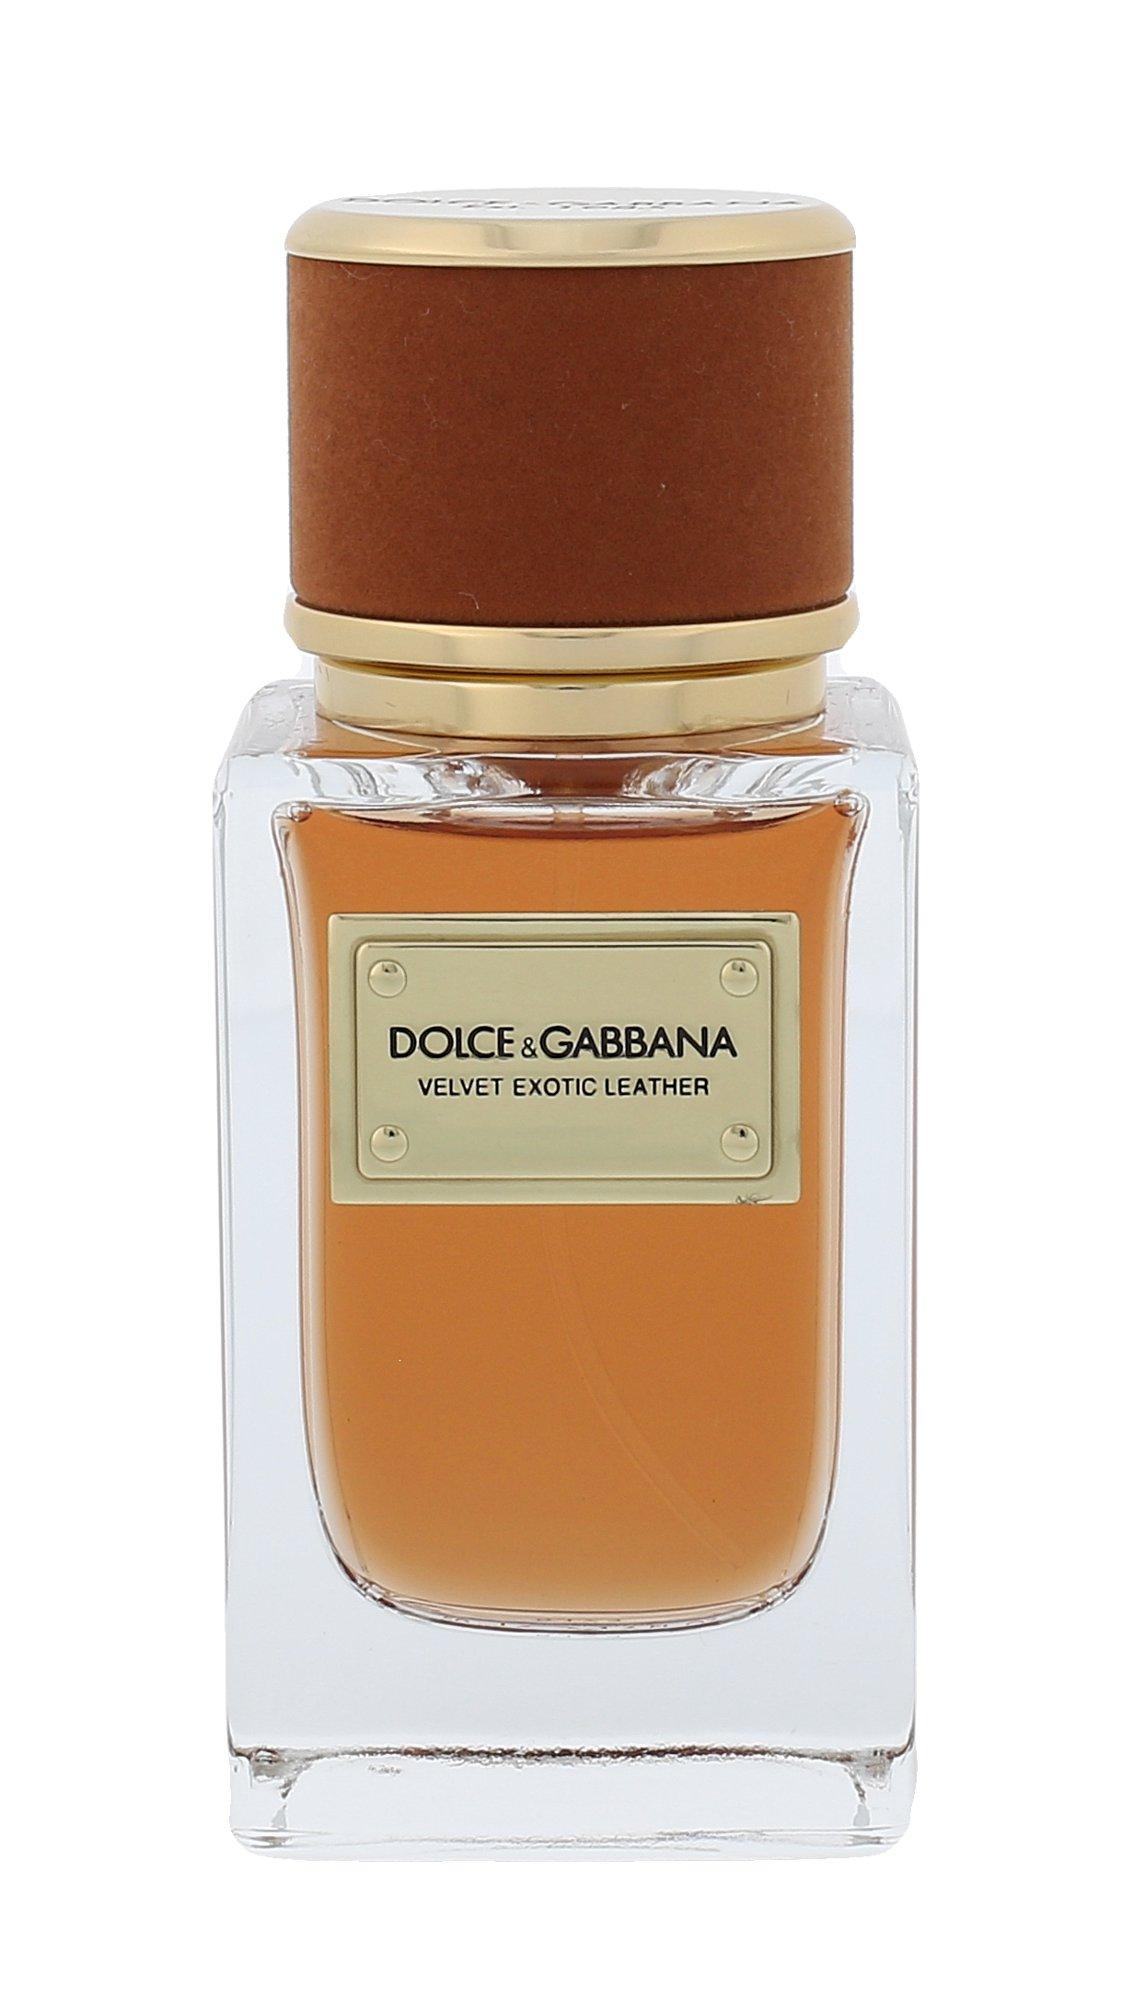 Dolce & Gabbana Velvet Exotic leather (M)